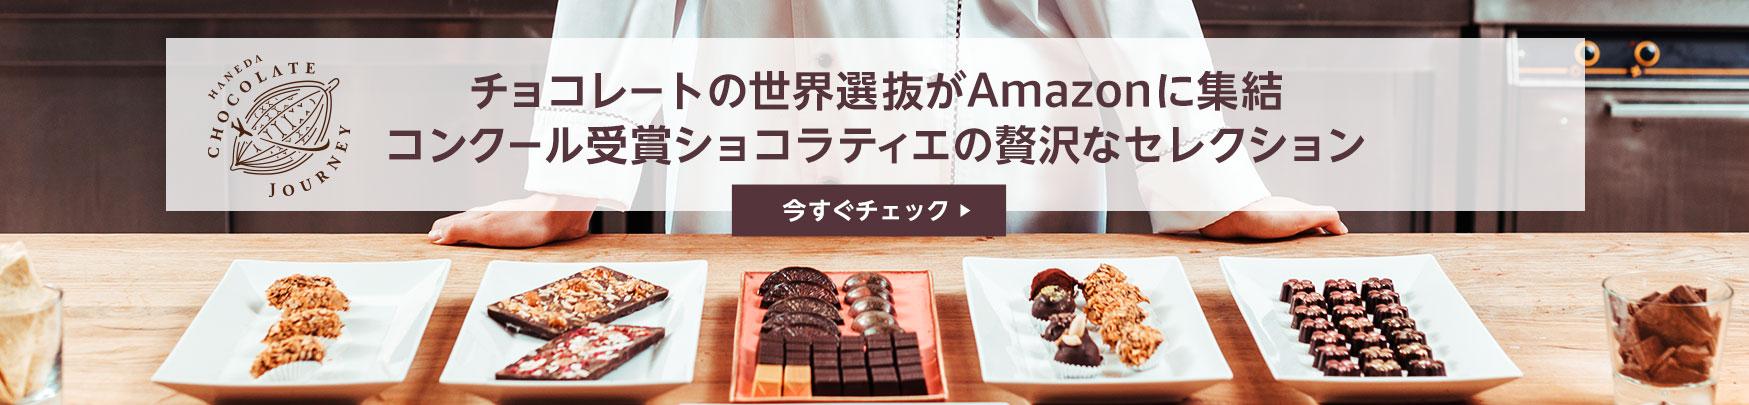 HANEDA CHOCOLATE JOURNEY(ロゴ)チョコレートの世界選抜がAmazonに集結コンクール受賞ショコラティエの贅沢なセレクション